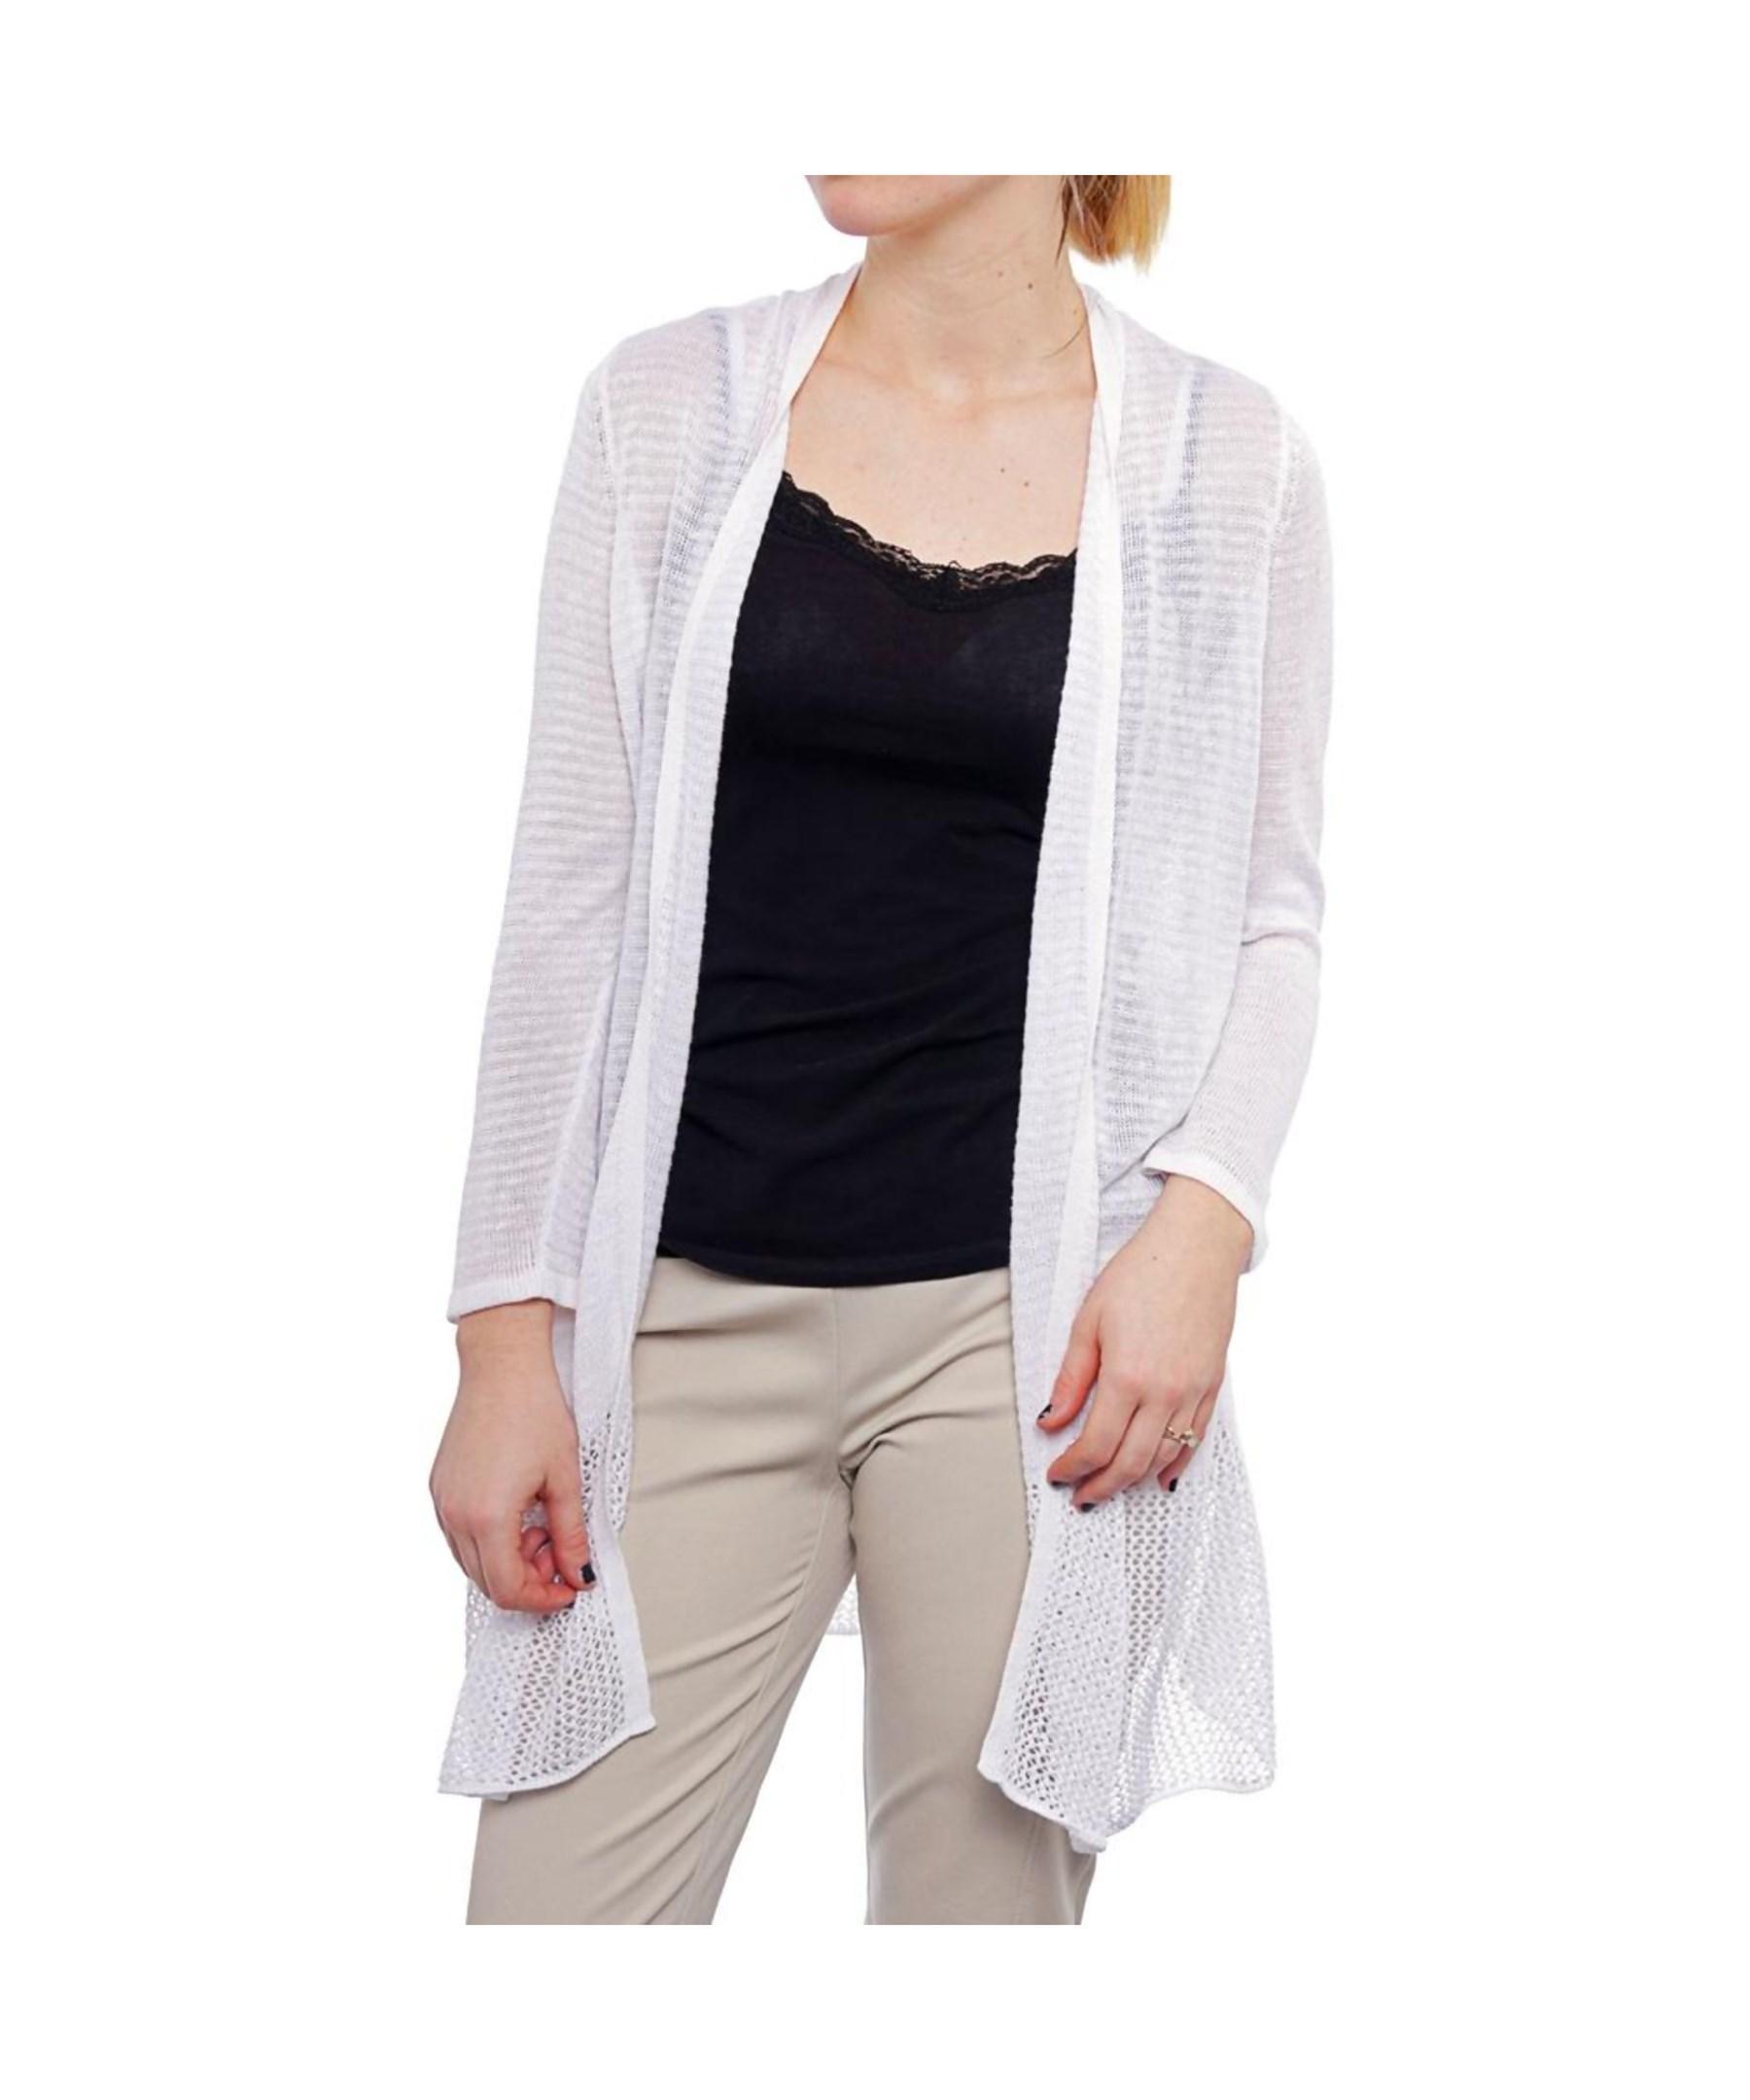 Womens White Cardigan Sweater